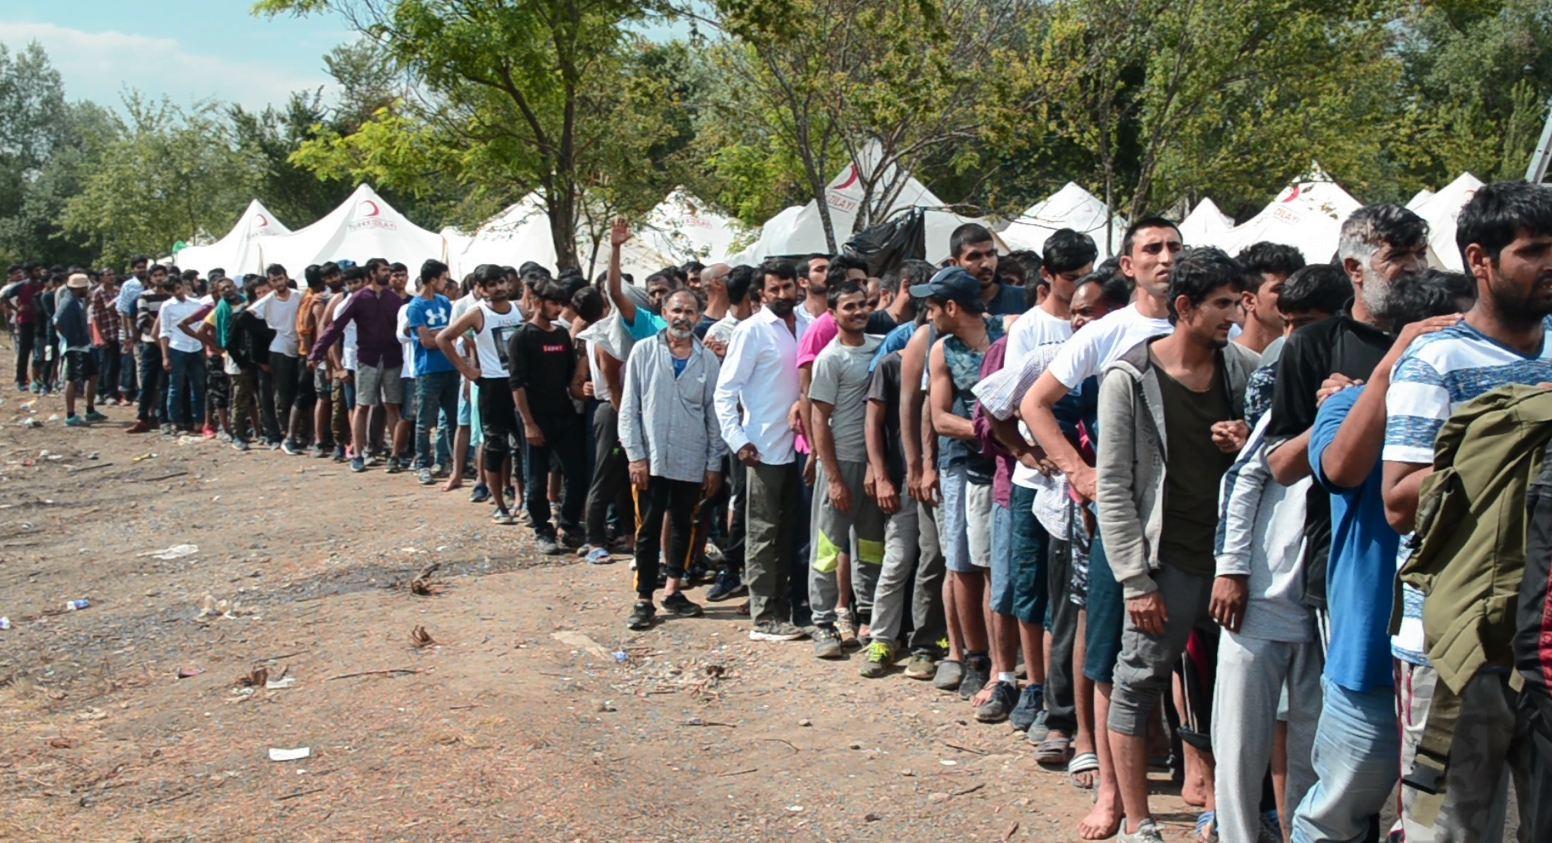 Vučjak , kamp za migrante i izbjeglice, Bihać